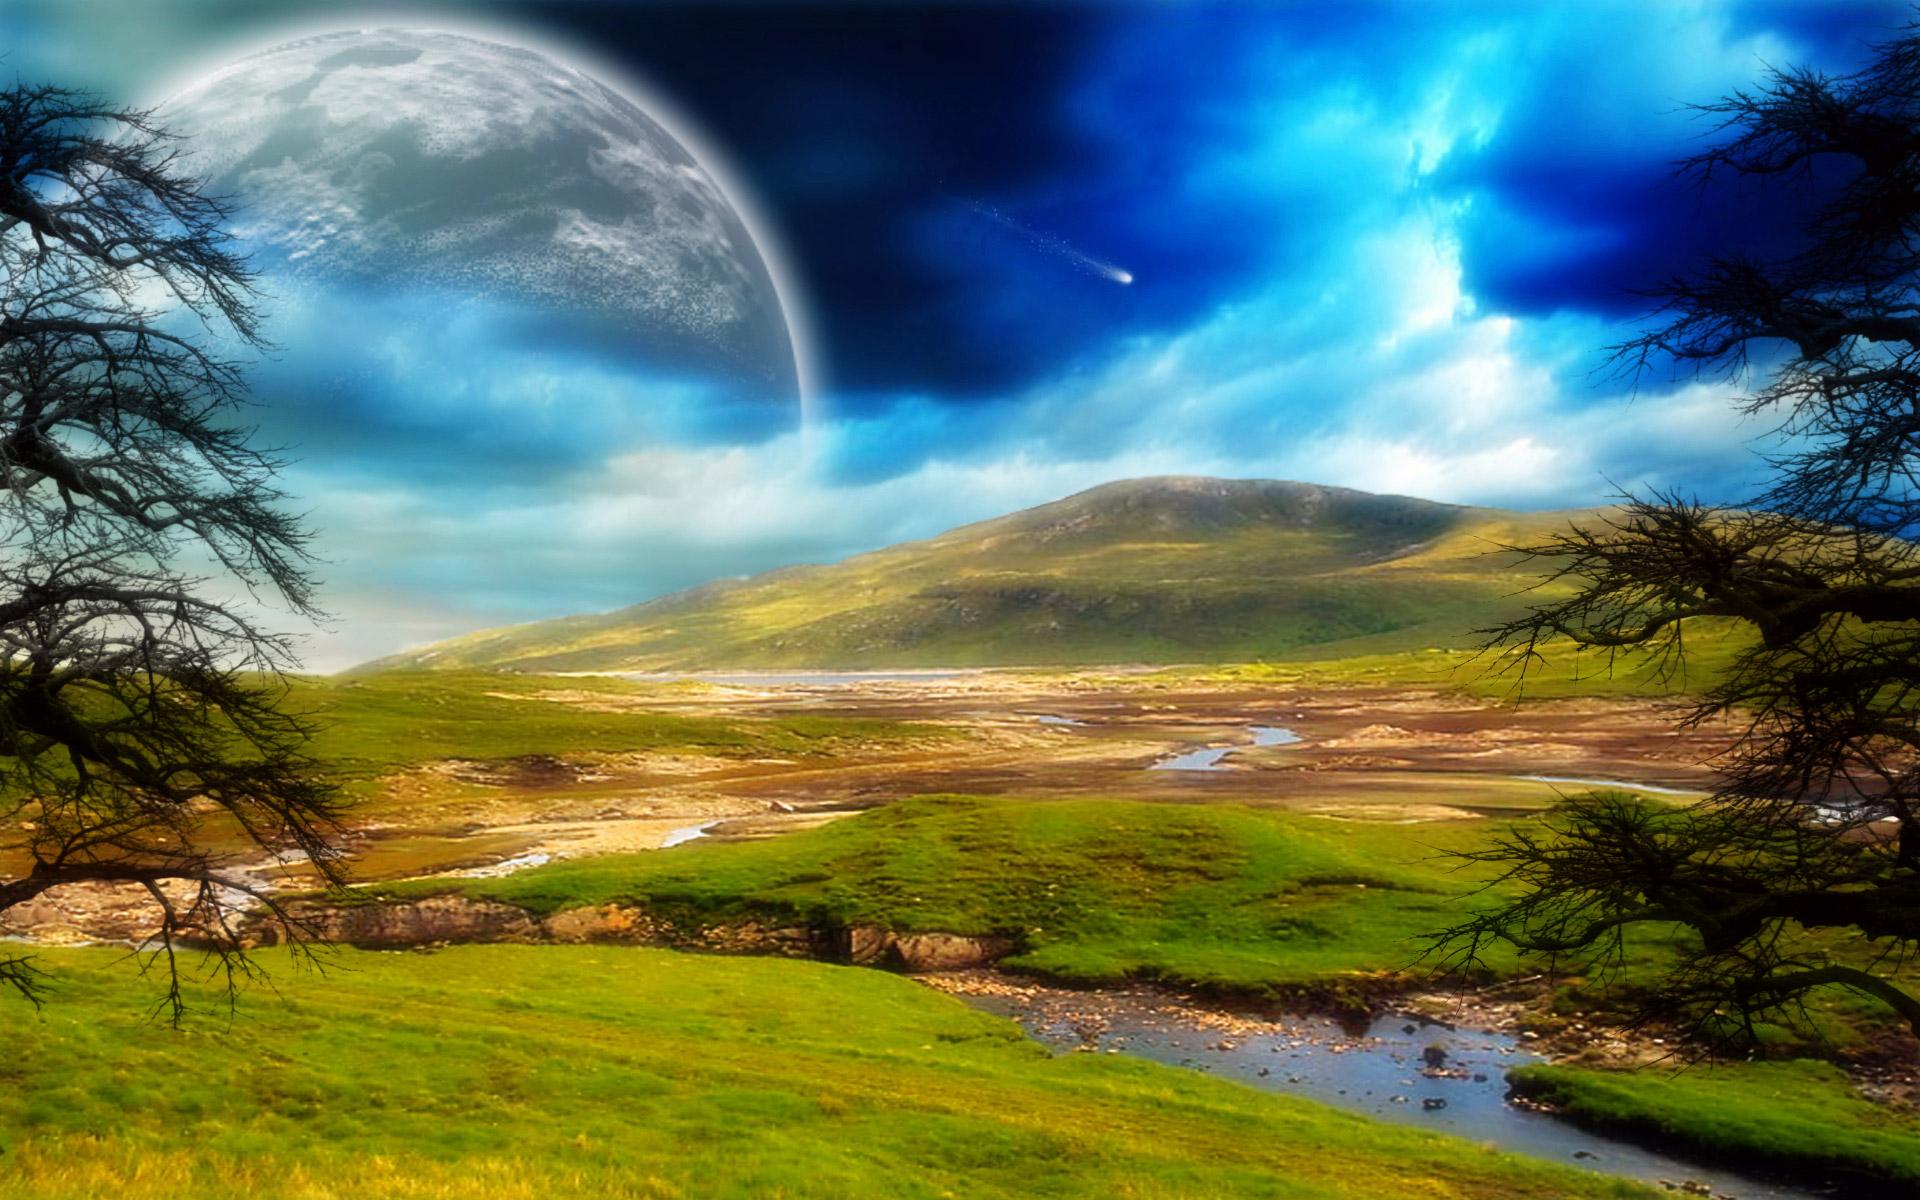 Dream Land Wallpaper 6950343 1920x1200